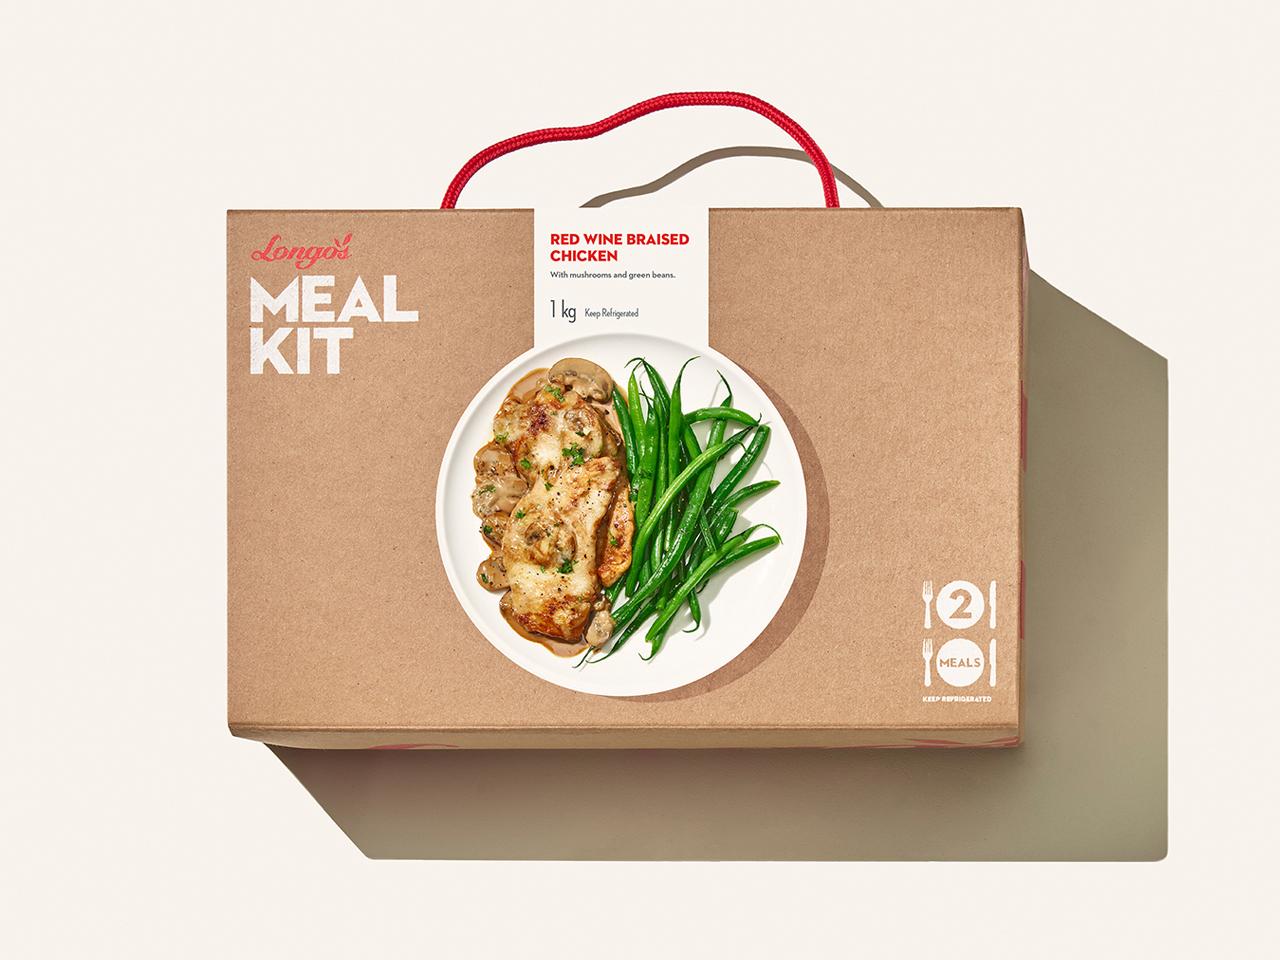 Longo's Meal Kits